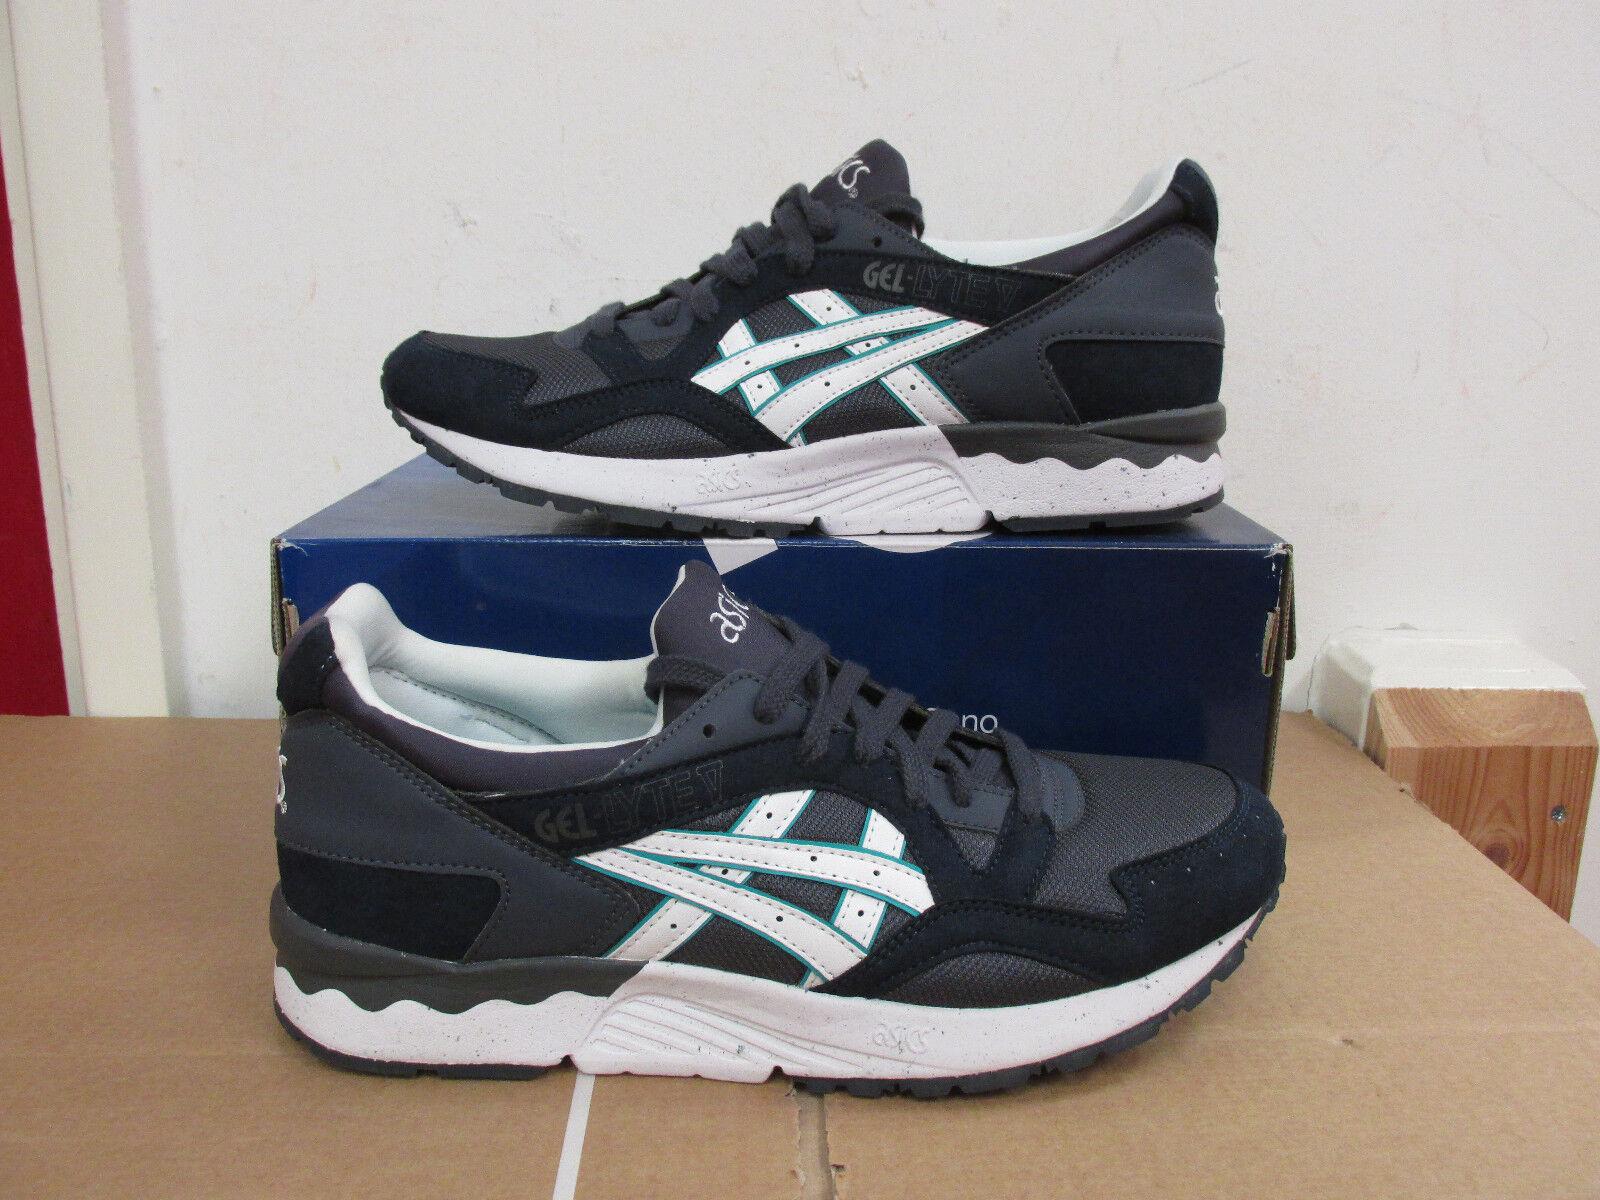 Asics zapatillas gel lyte v zapatillas Asics laufen hombre h6d2y 5001 zapatos liquidaci ó n 656b11